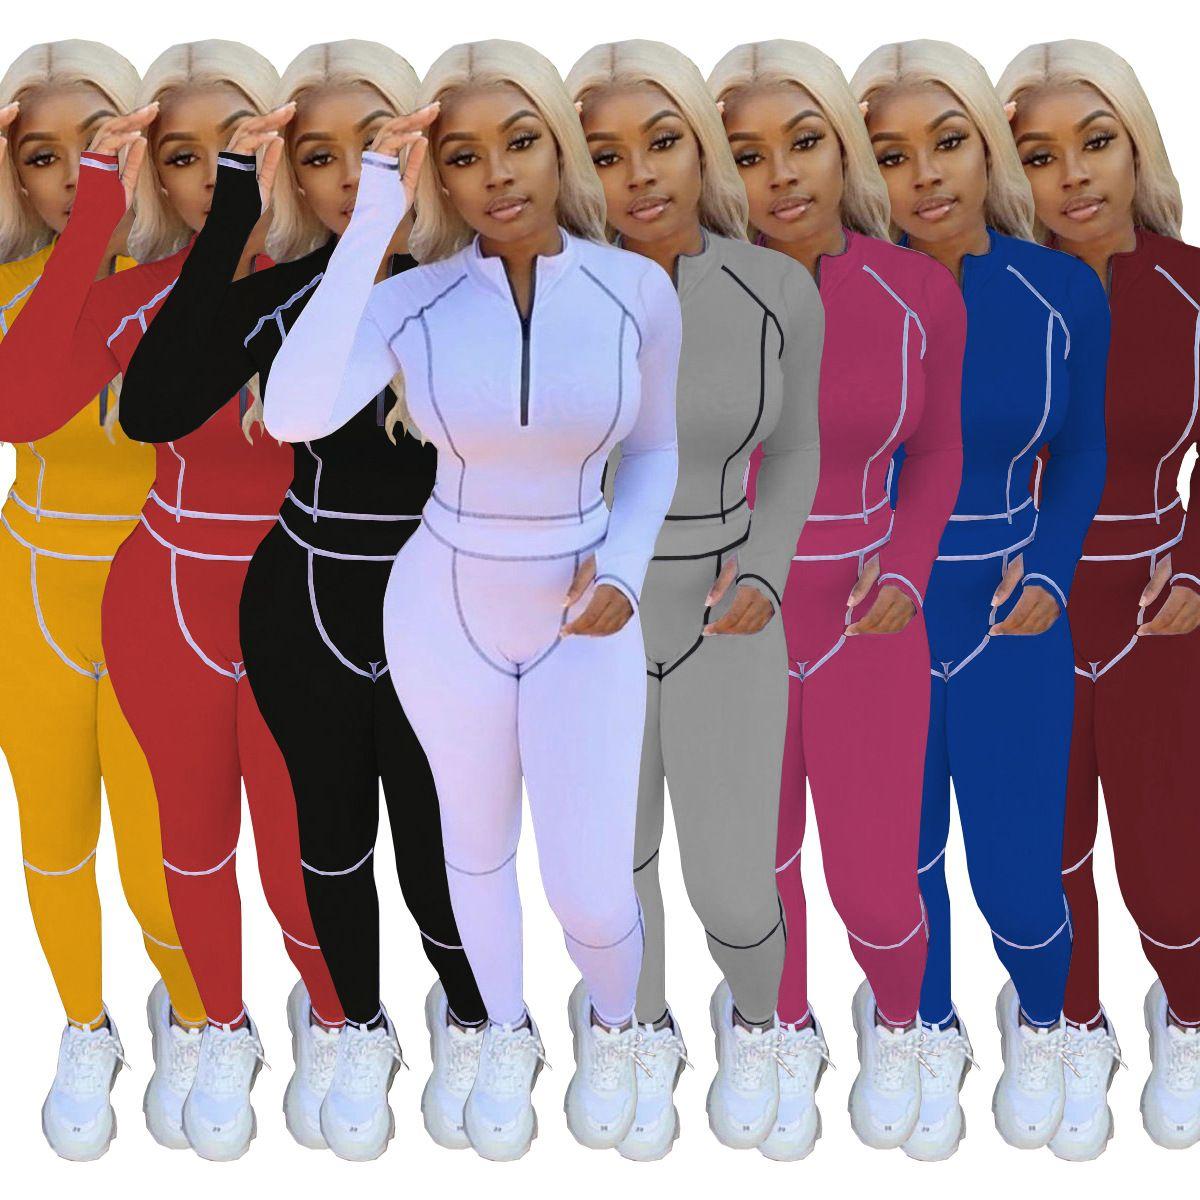 Femmes automne Fashion 2020 Tenues à manches longues 2 pièces Ensemble de succursions Jogging Sportsuit chemise Leggings Tenue Sweat-shirt Pantalon Sport costume